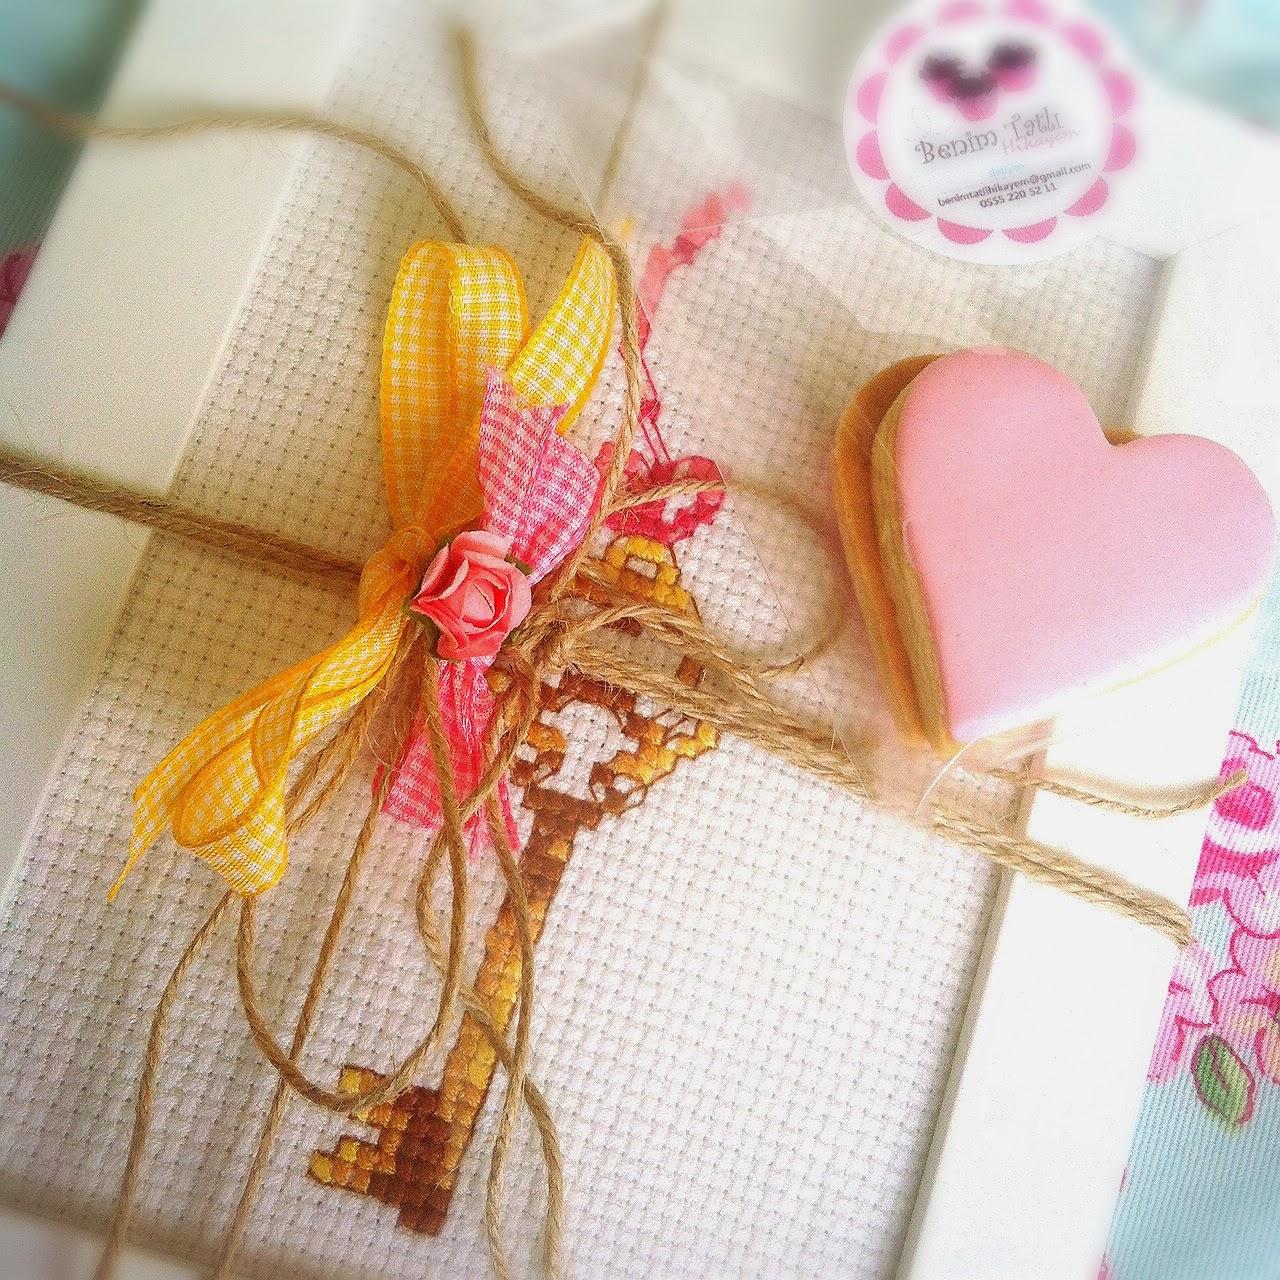 ev hediyesi, etamin siparişi